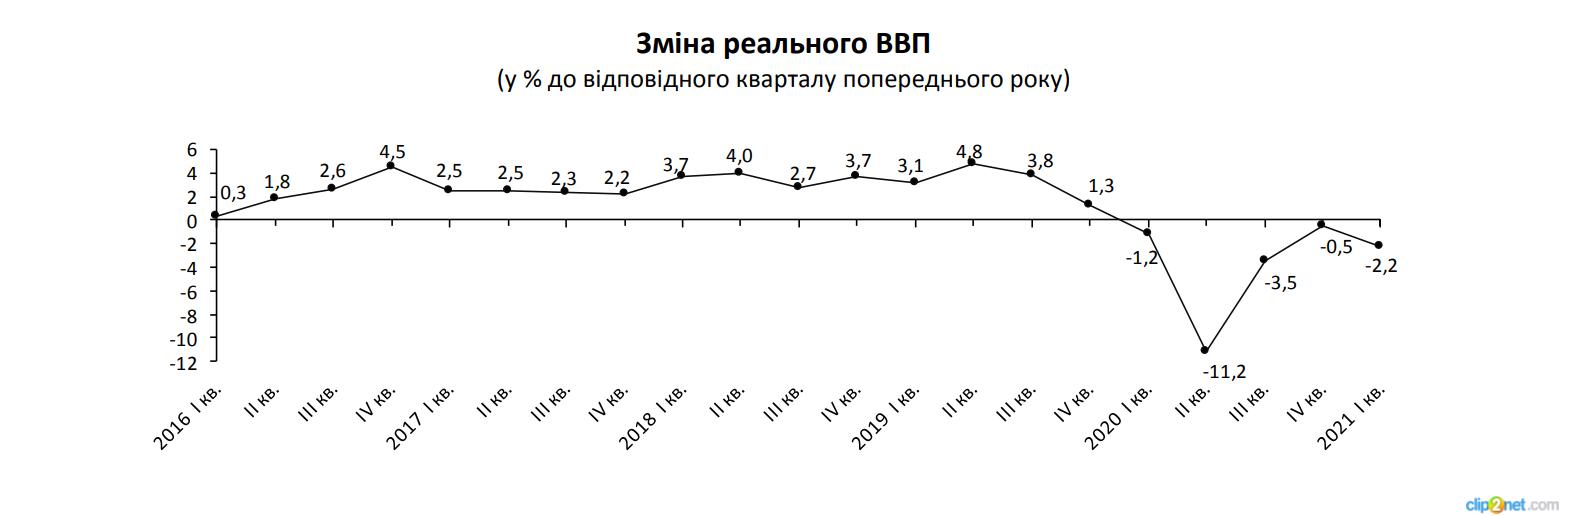 Держстат погіршив оцінку падіння ВВП у першому кварталі